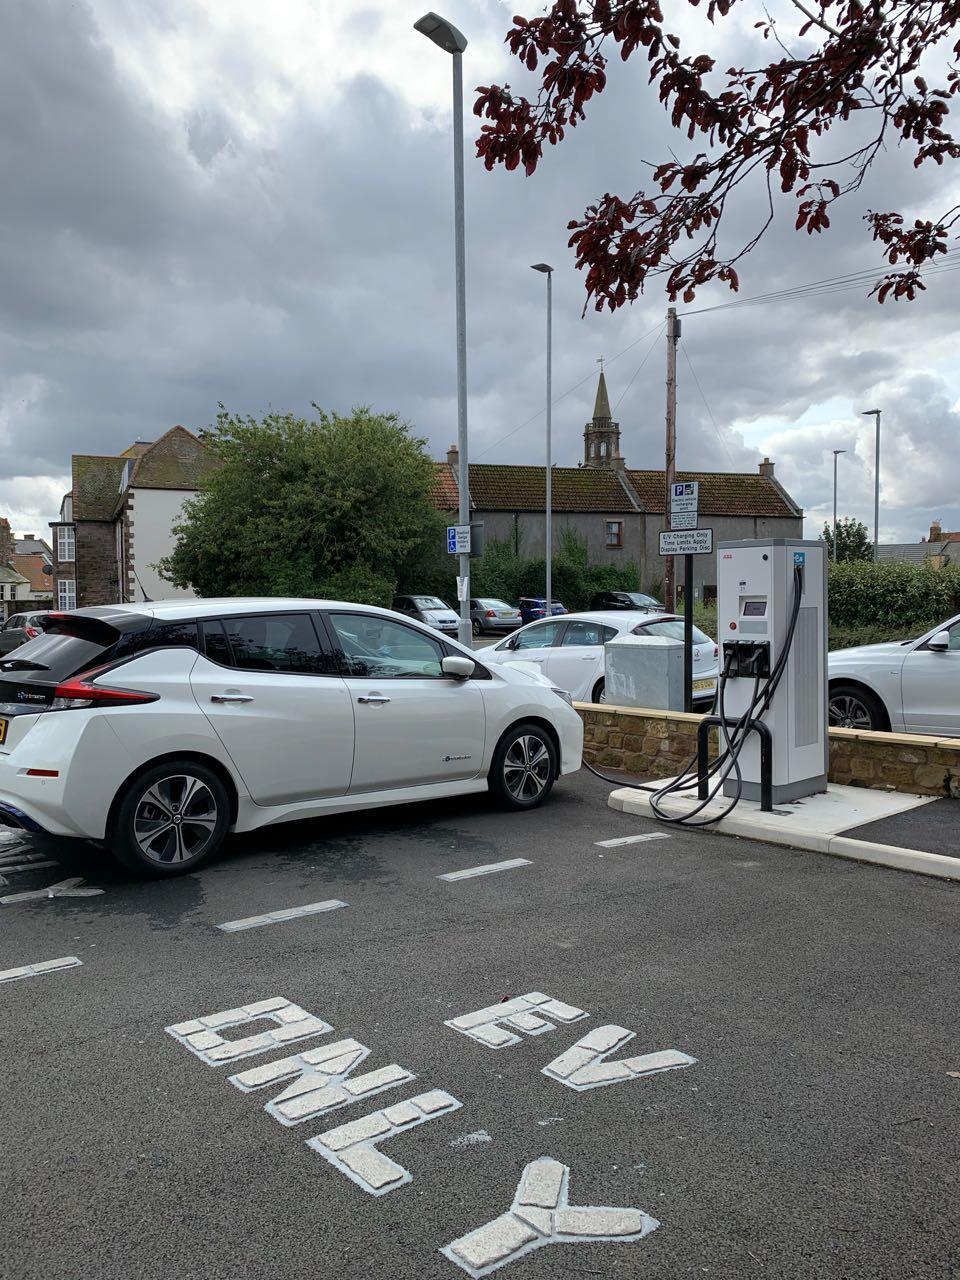 Nissan Leaf op laadpunt in Berwick-upon-Tweed